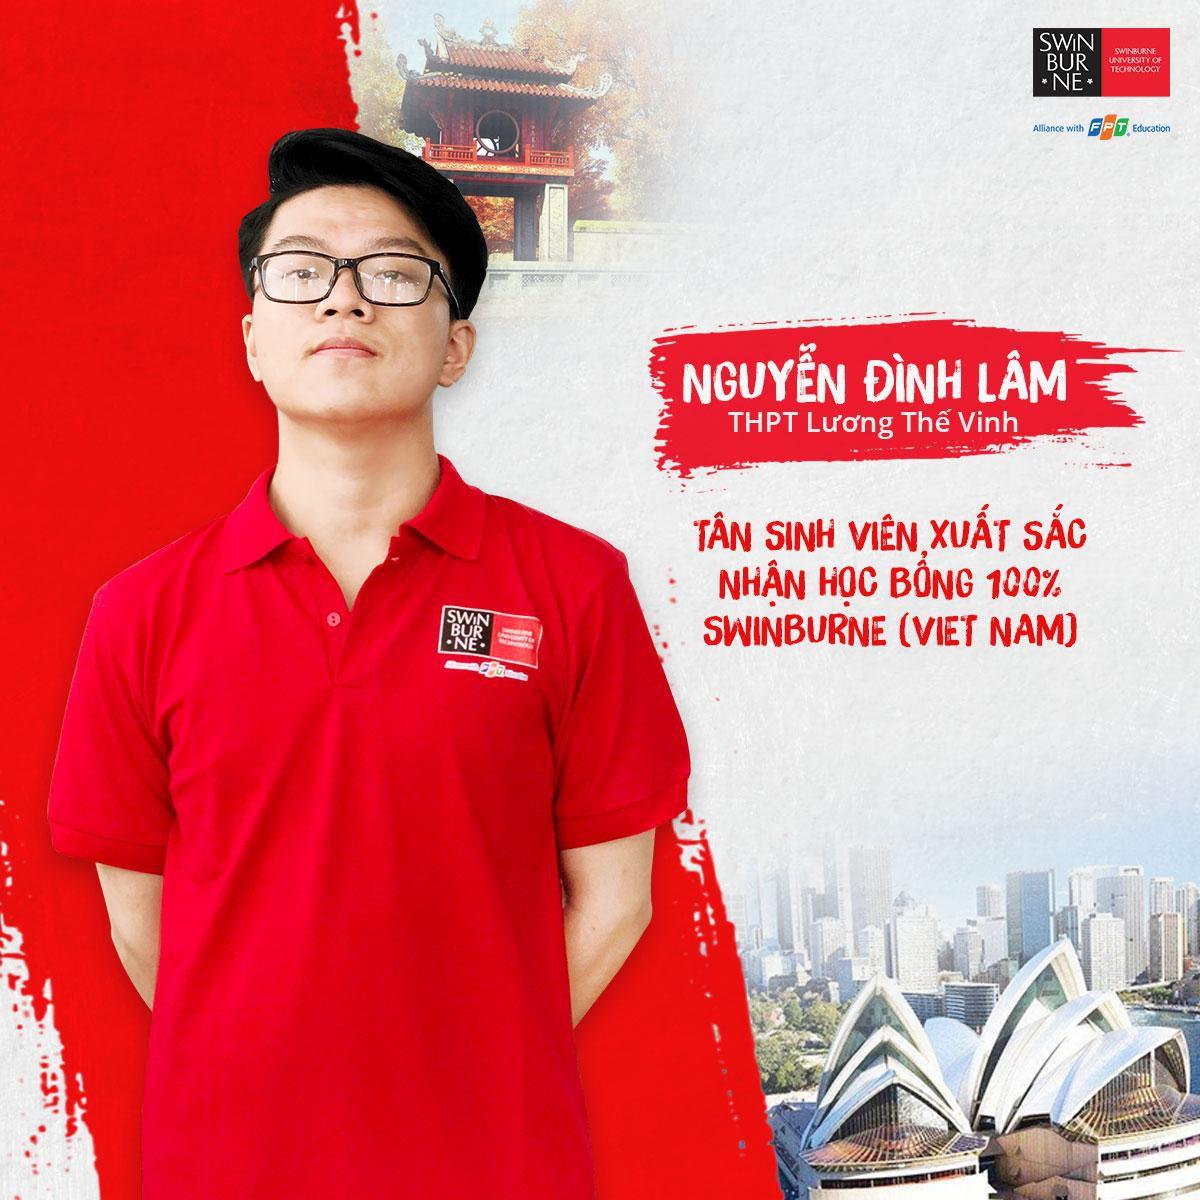 Tân sinh viên nói gì về Swinburne Việt Nam? - Ảnh 3.